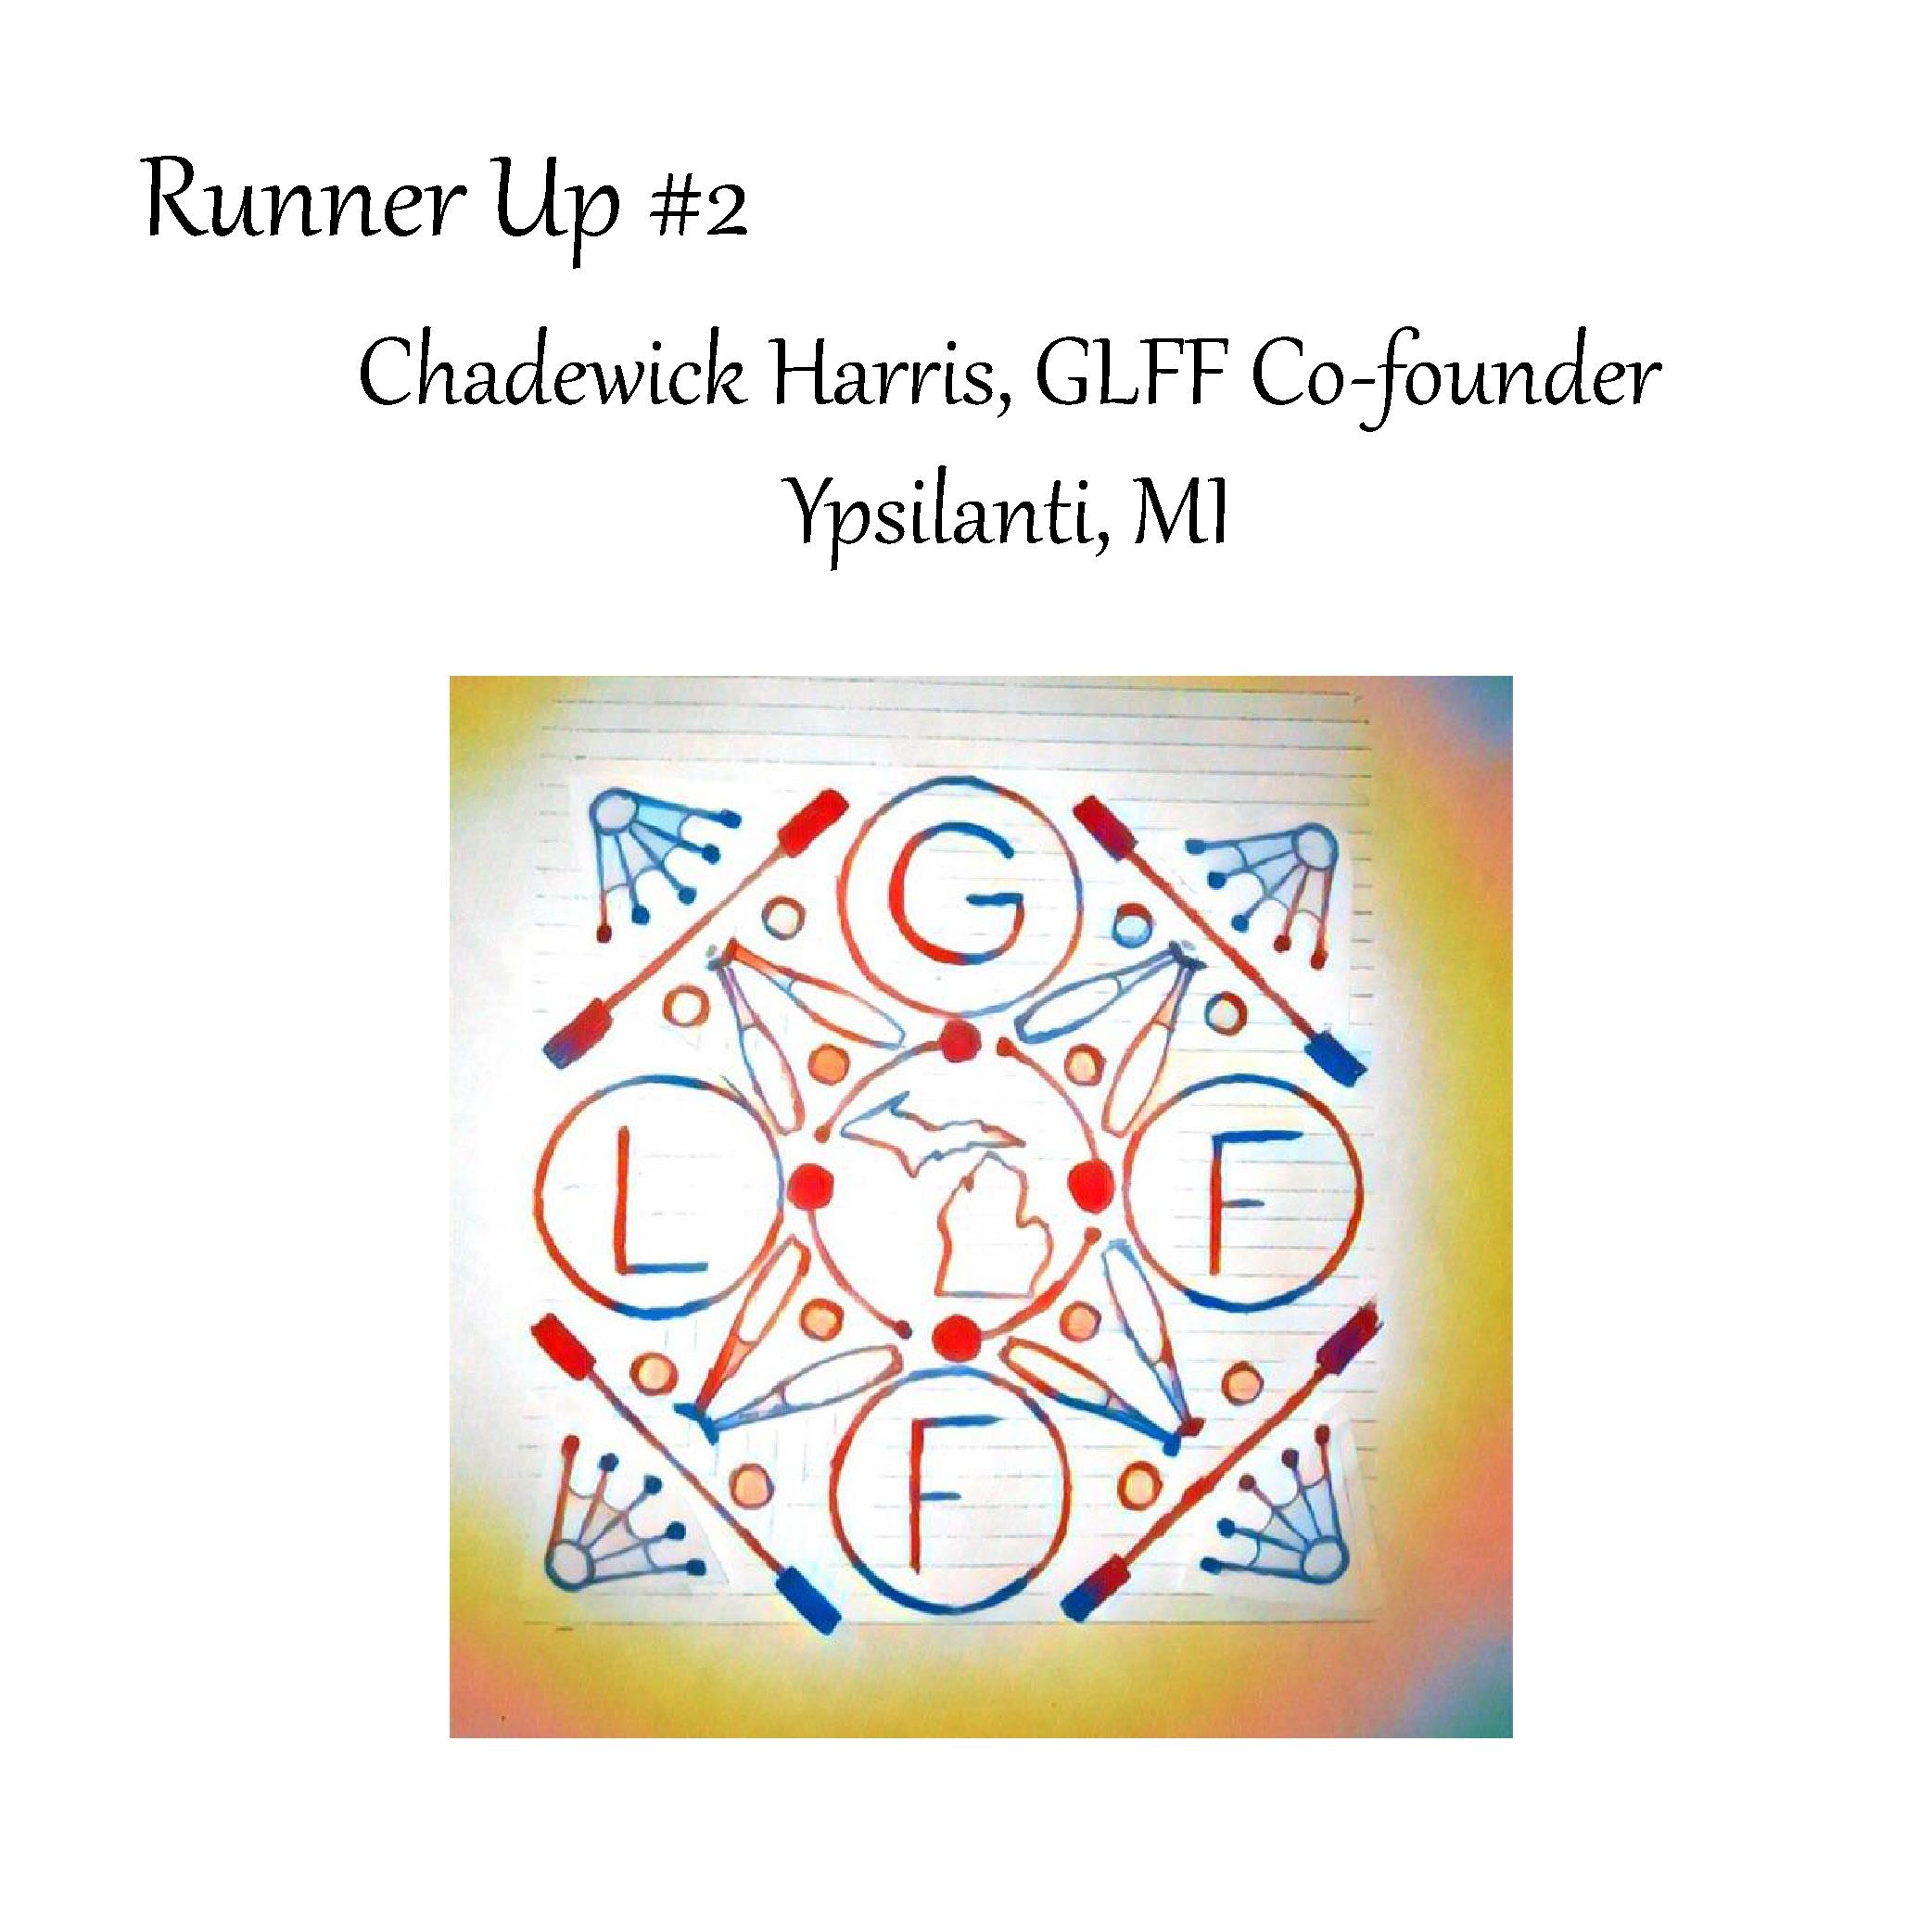 runnerup2